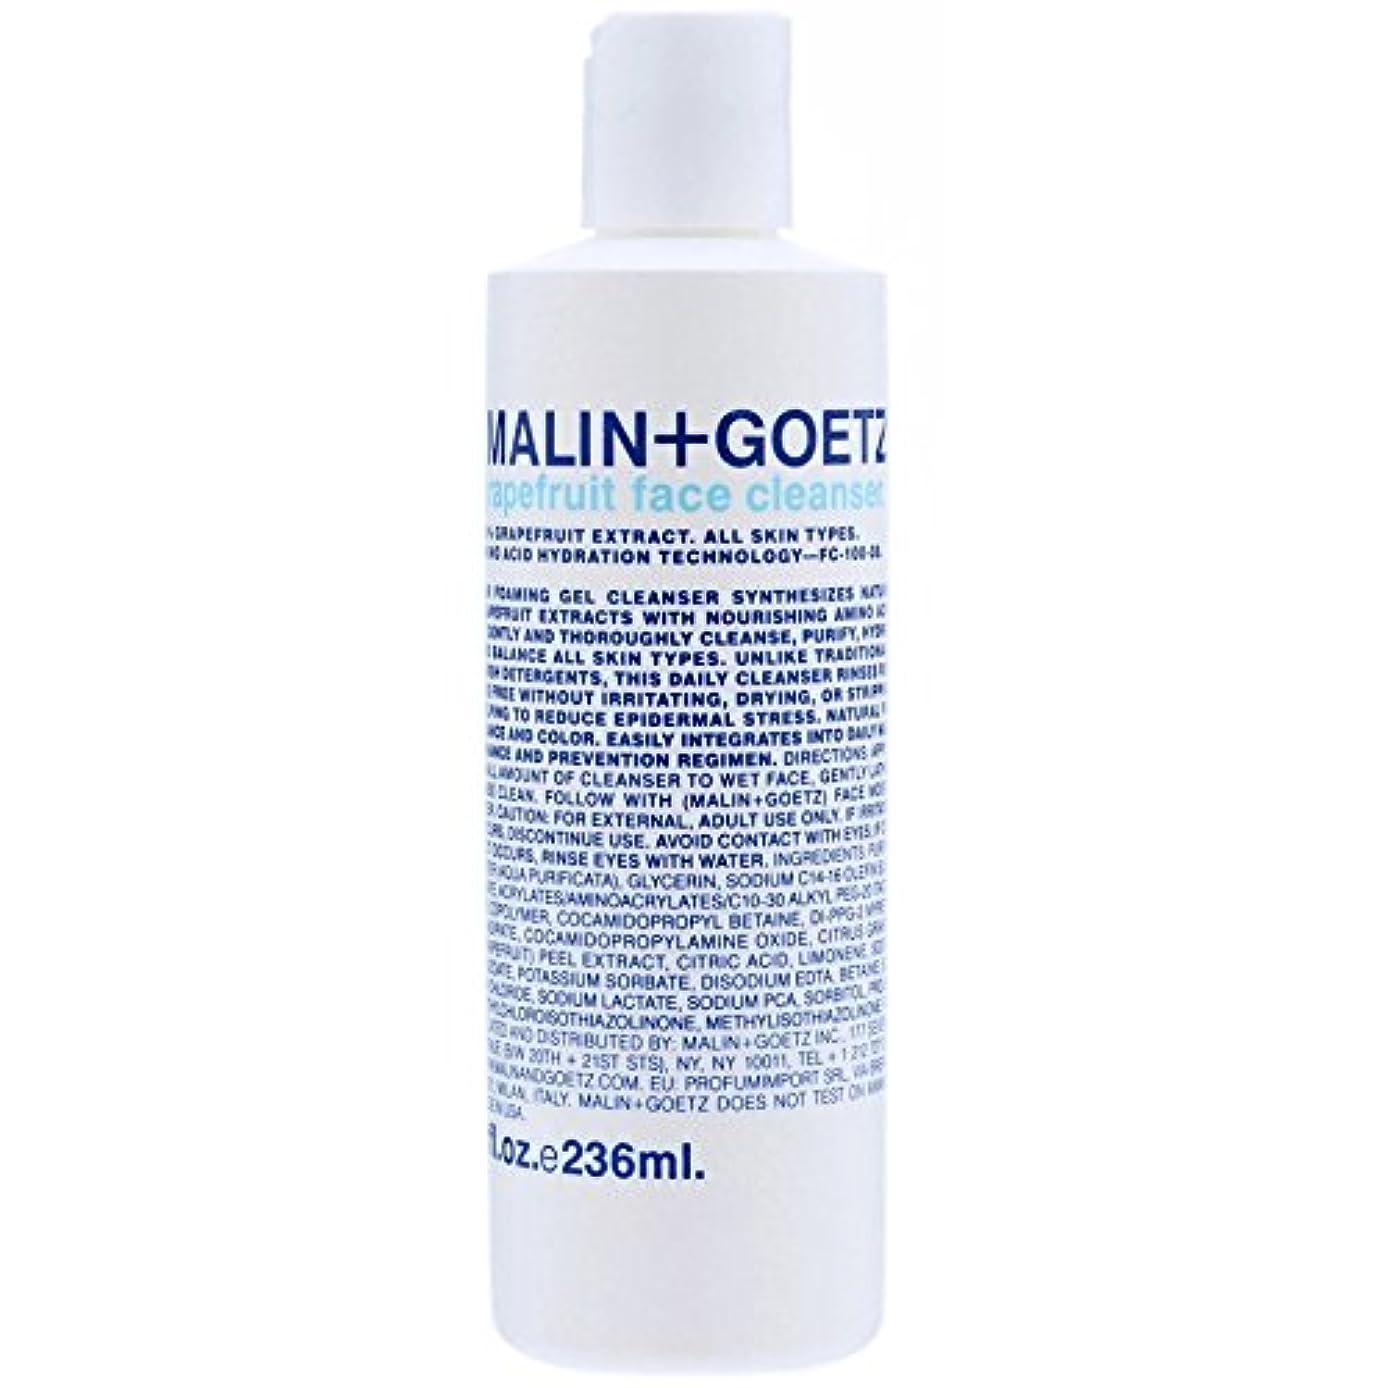 軌道ボリューム揃えるMALIN+GOETZ Grapefruit Face Cleanser - マリン+ゲッツグレープフルーツフェイスクレンザー [並行輸入品]